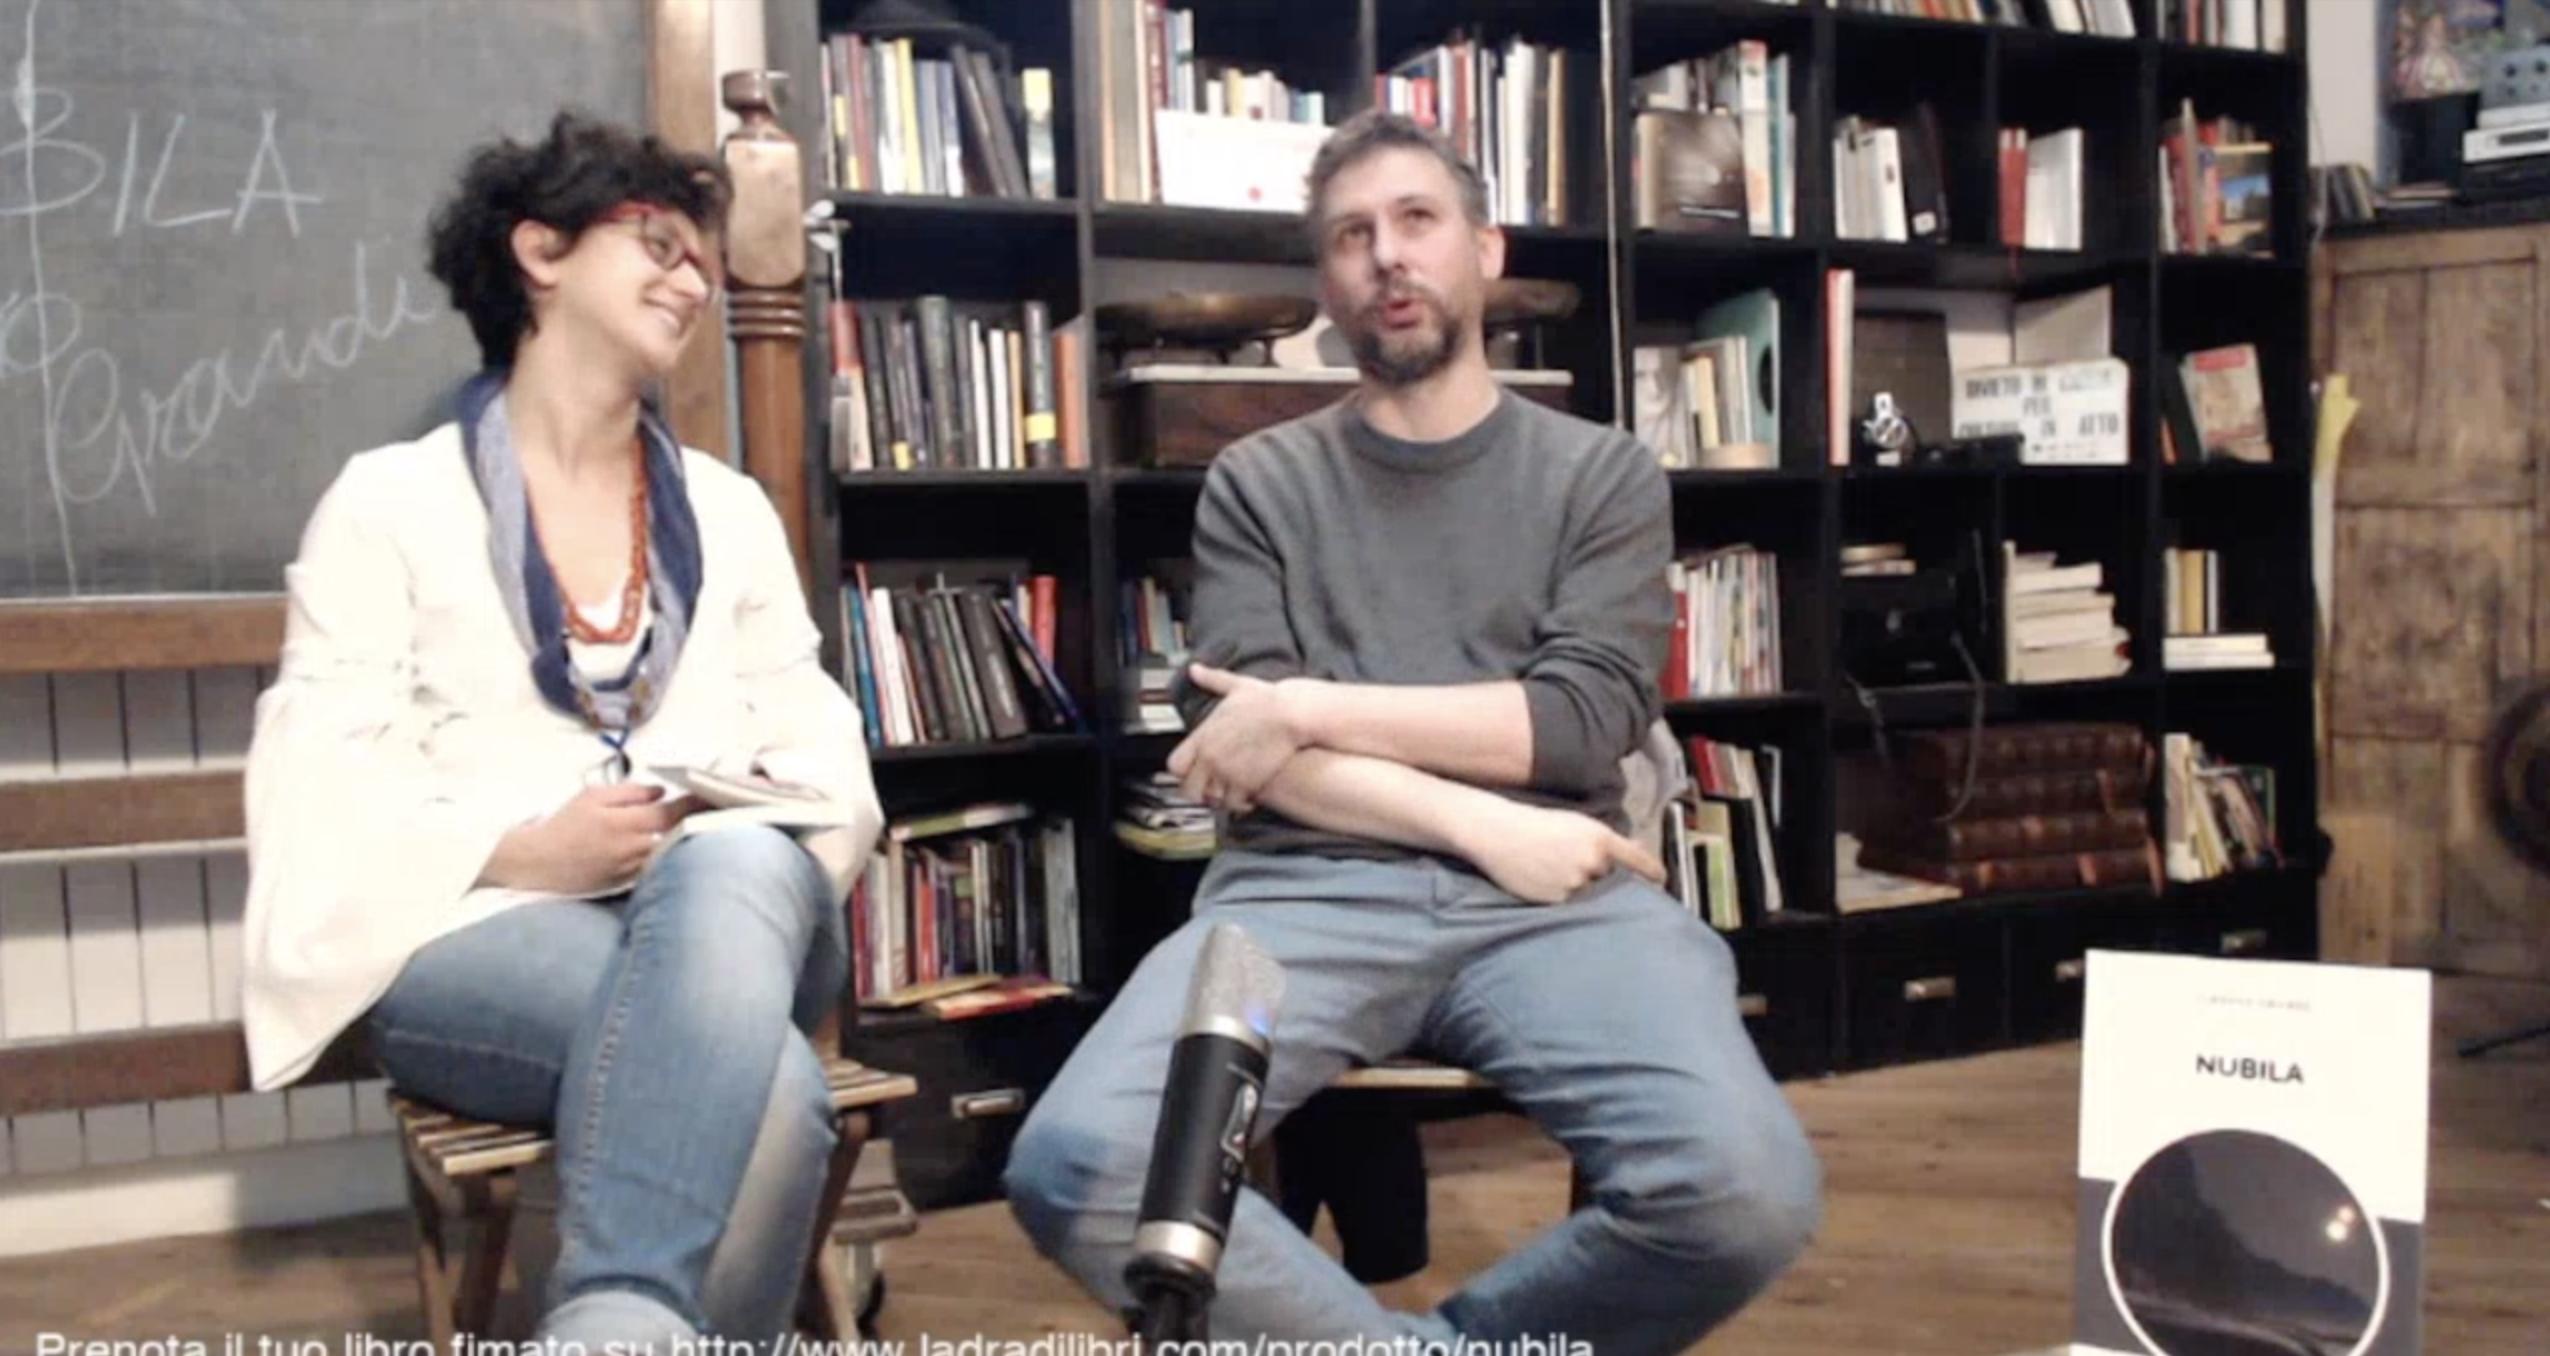 #LibriInDiretta con Nubila di Alberto Grandi